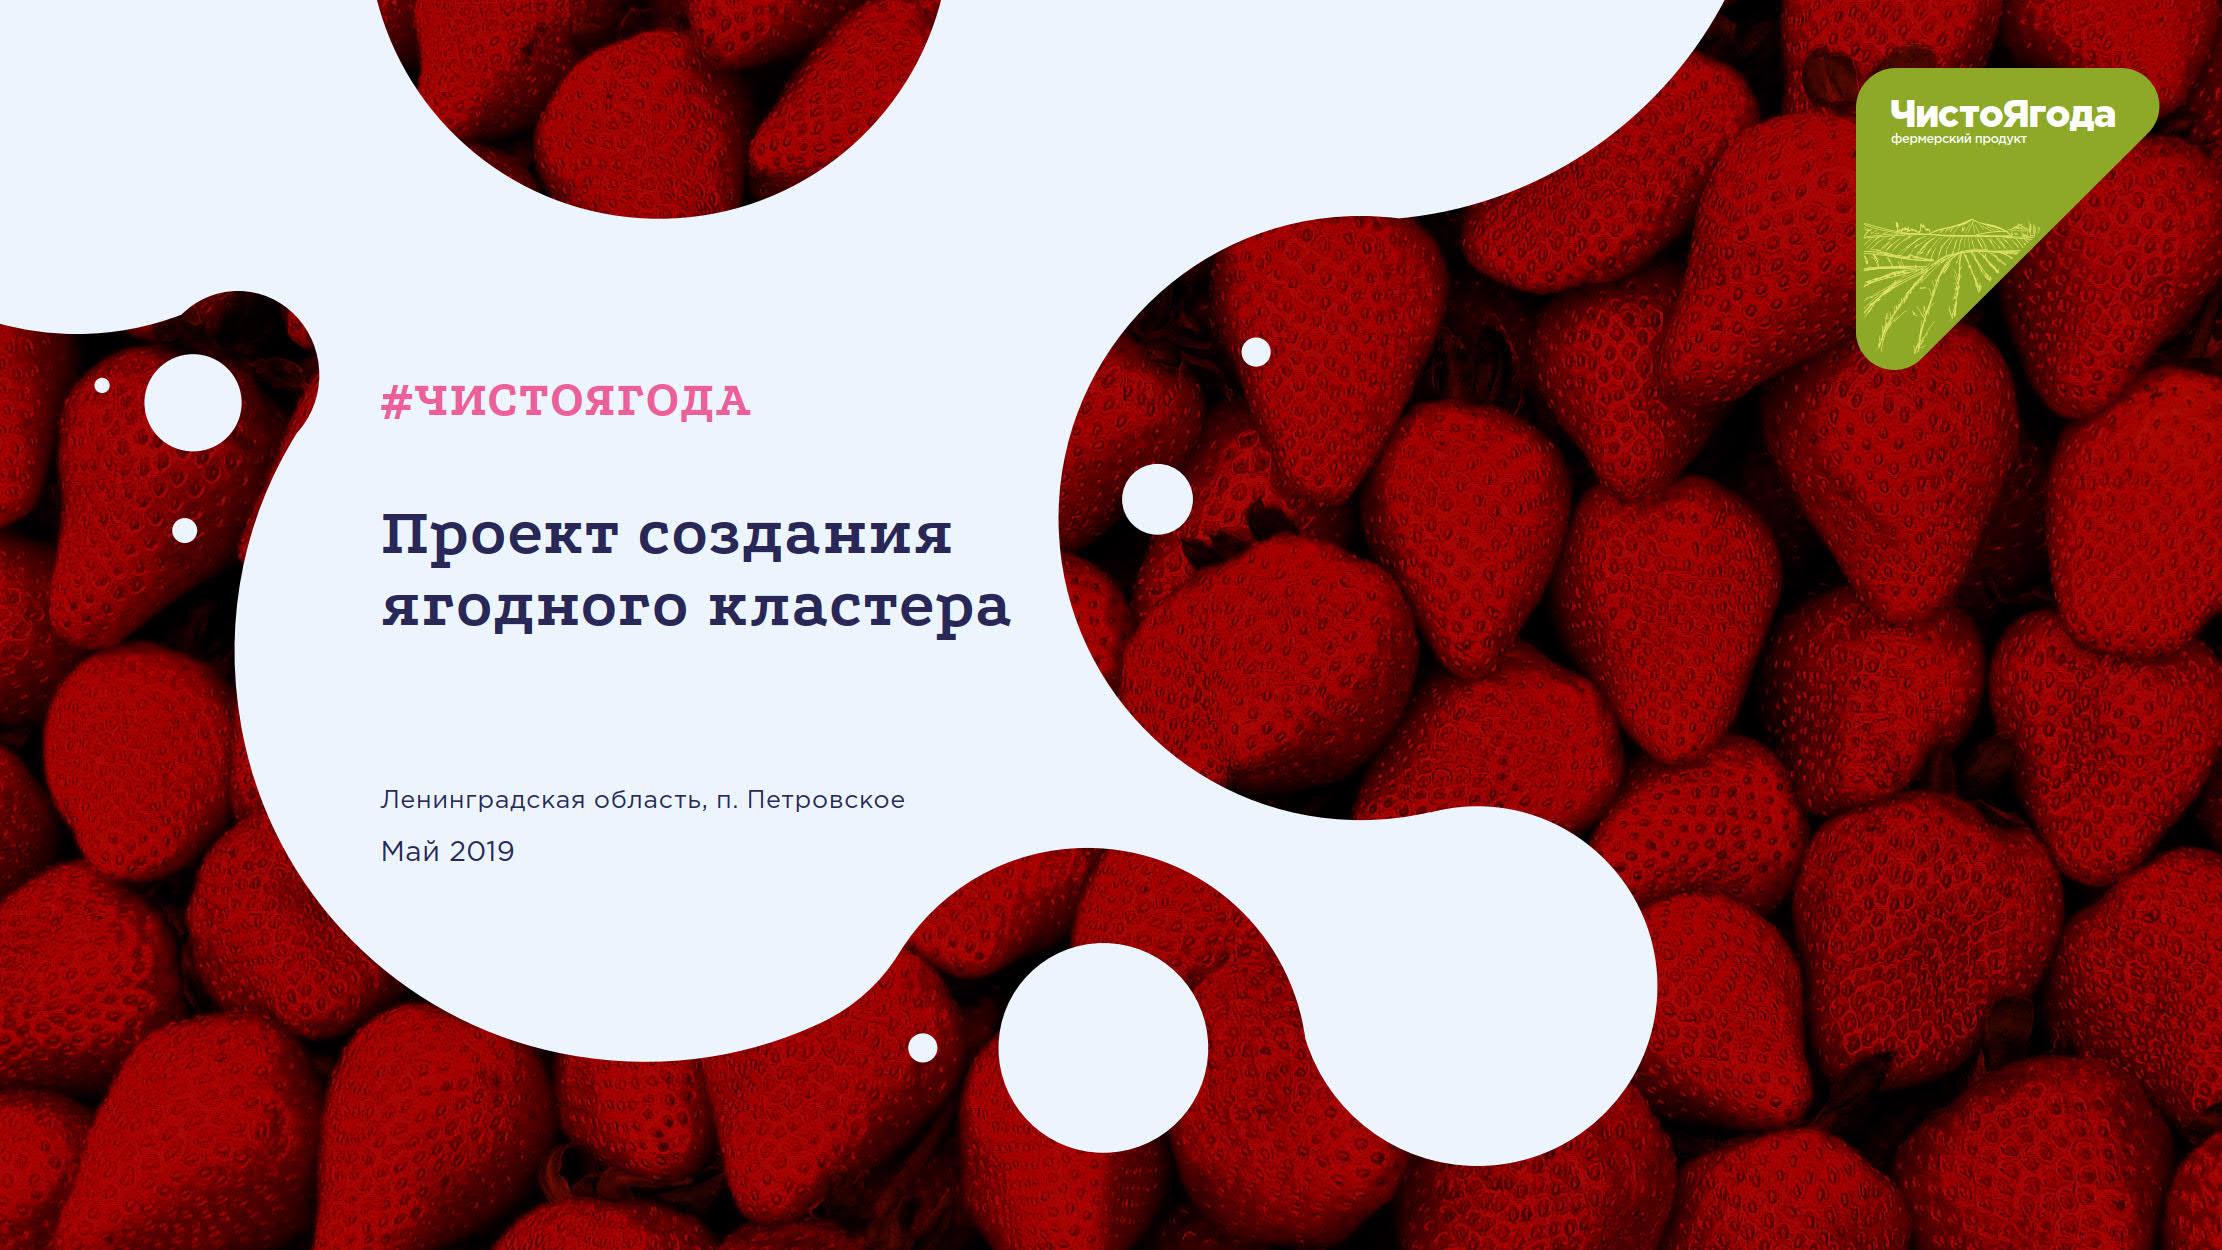 Презентация проекта создания ягодного кластера #ЧИСТОЯГОДА